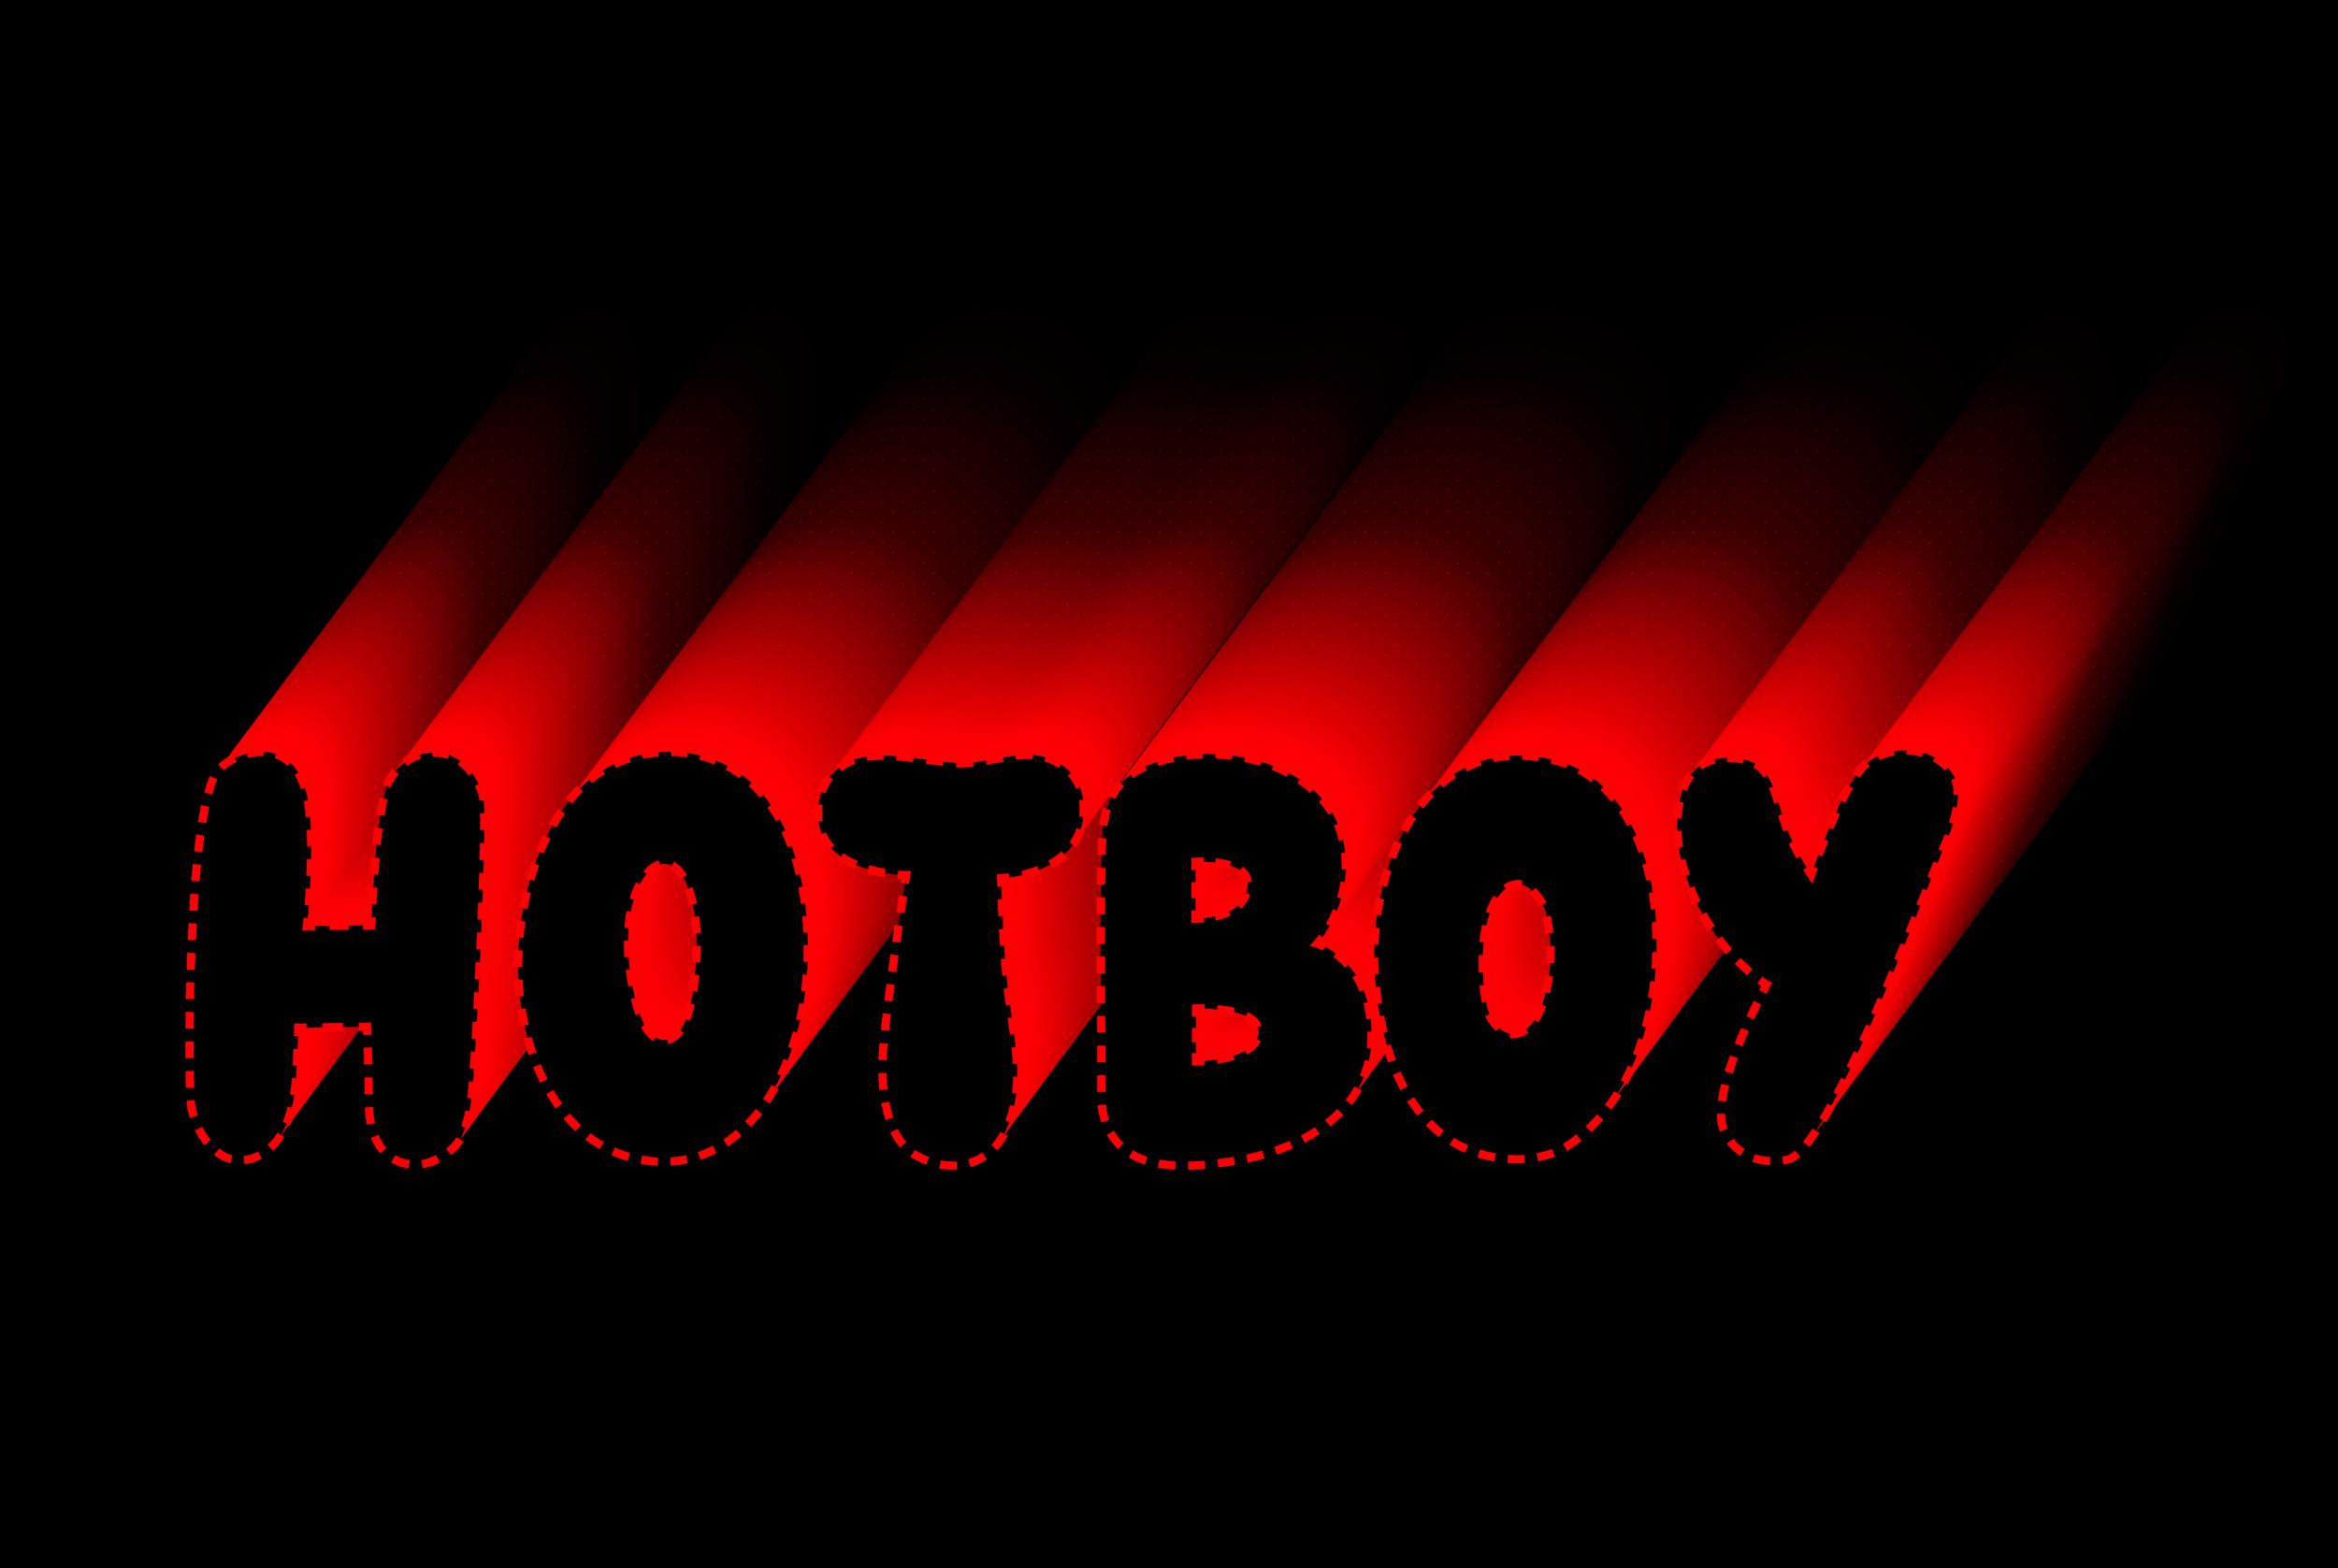 Hotboy.jpg